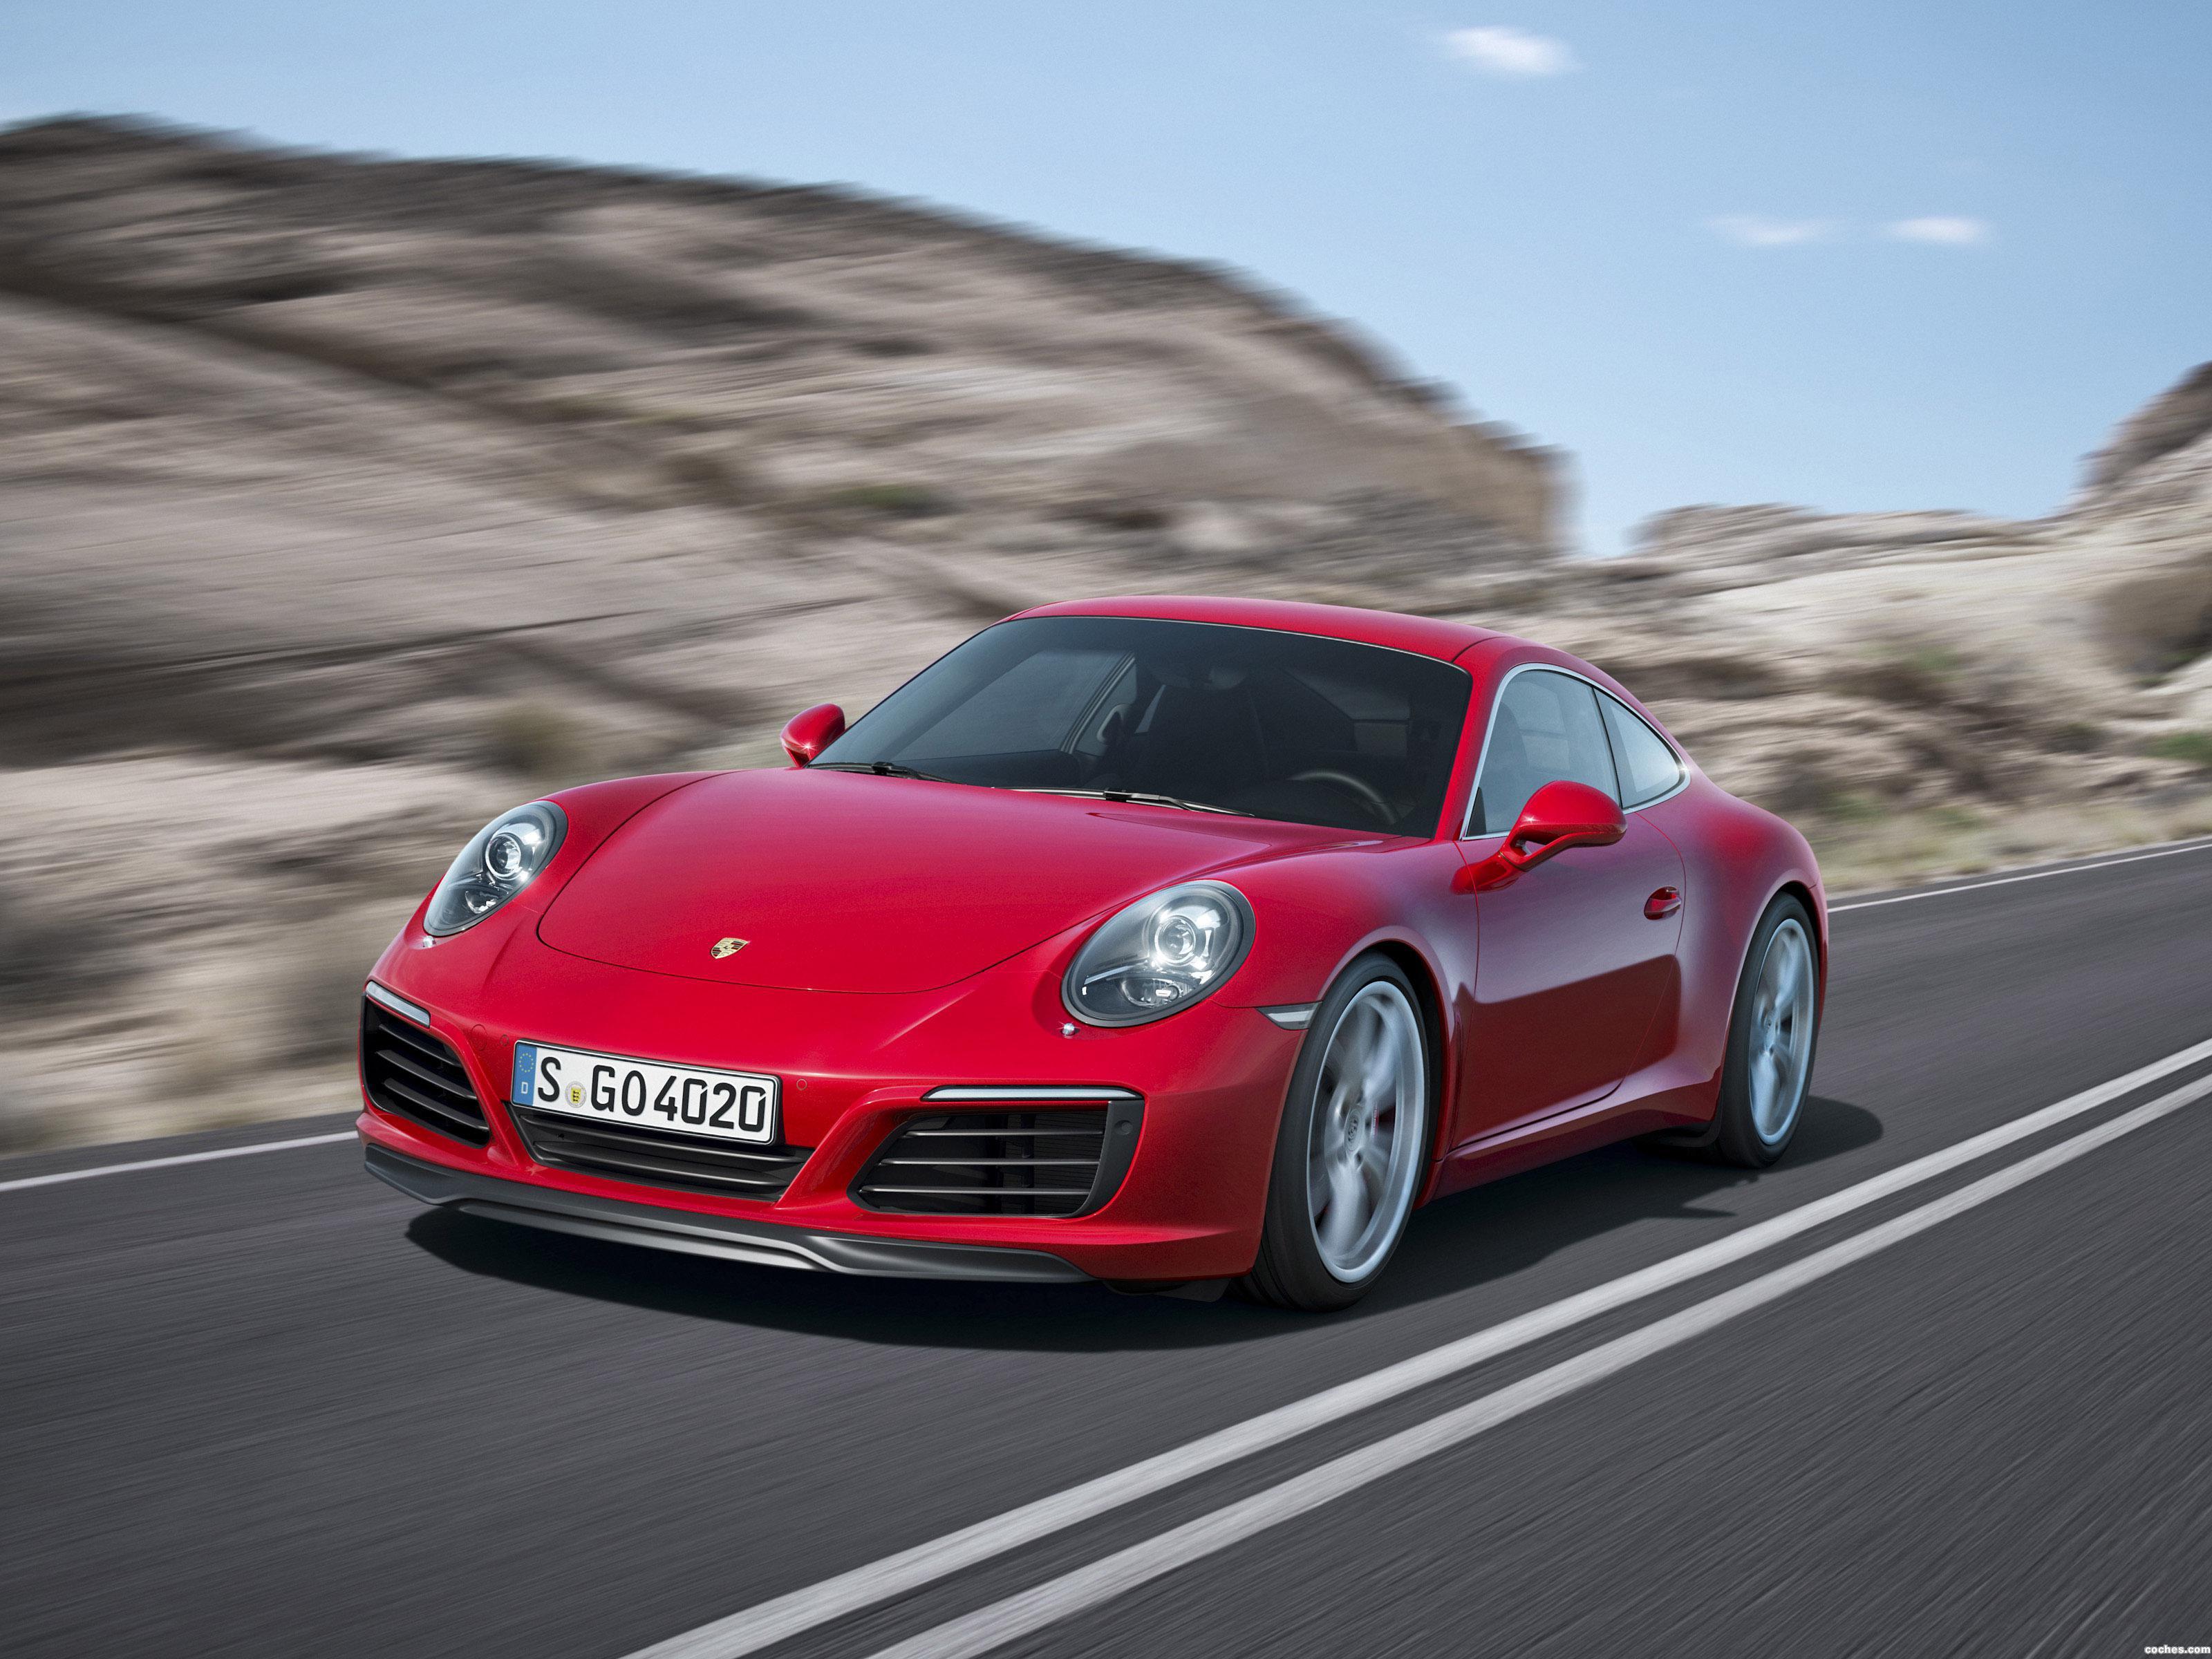 Foto 0 de Porsche 911 Carrera S 991 2015